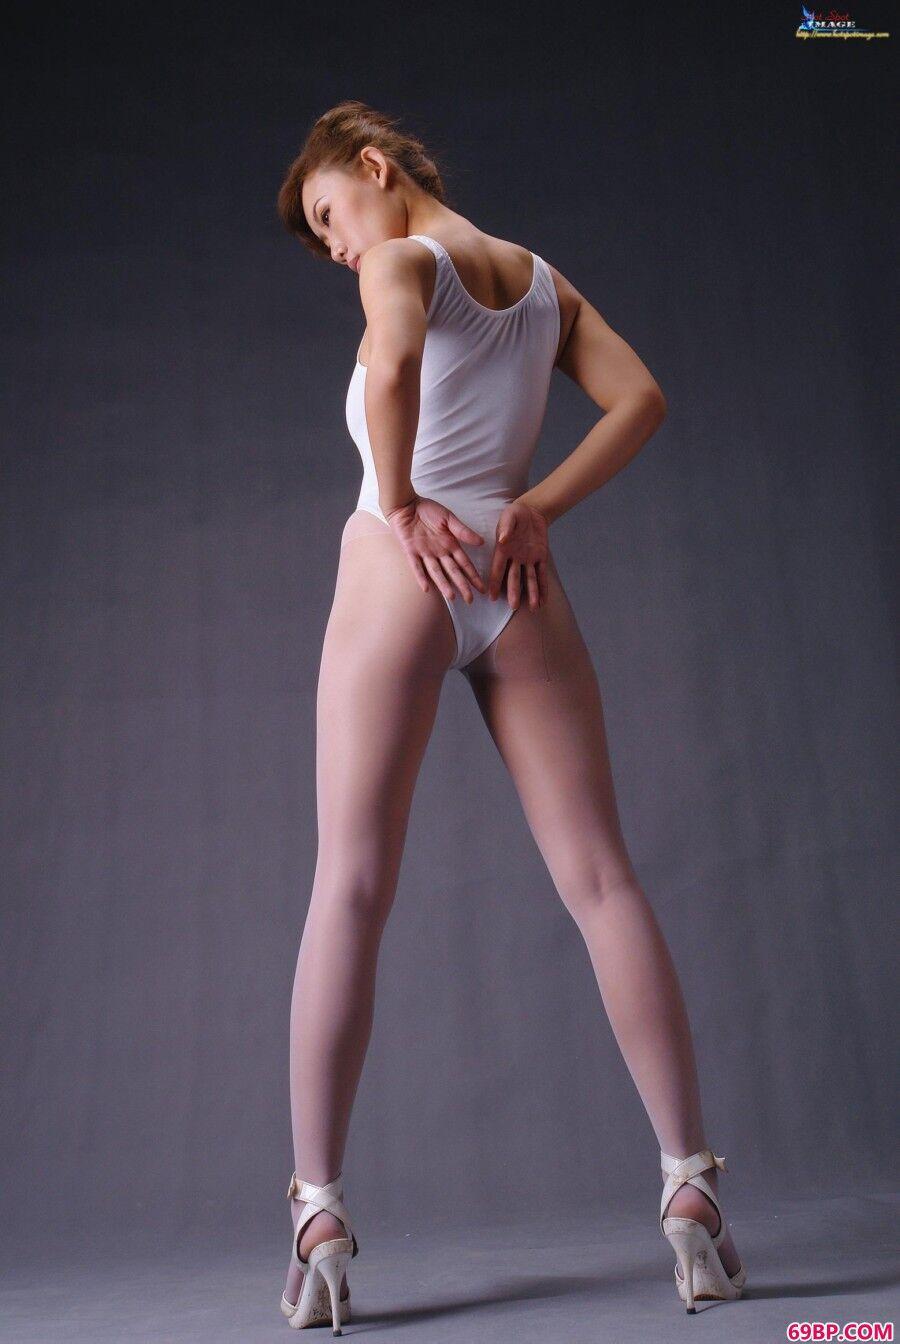 蓝依吊带袜与美丽内裤造型